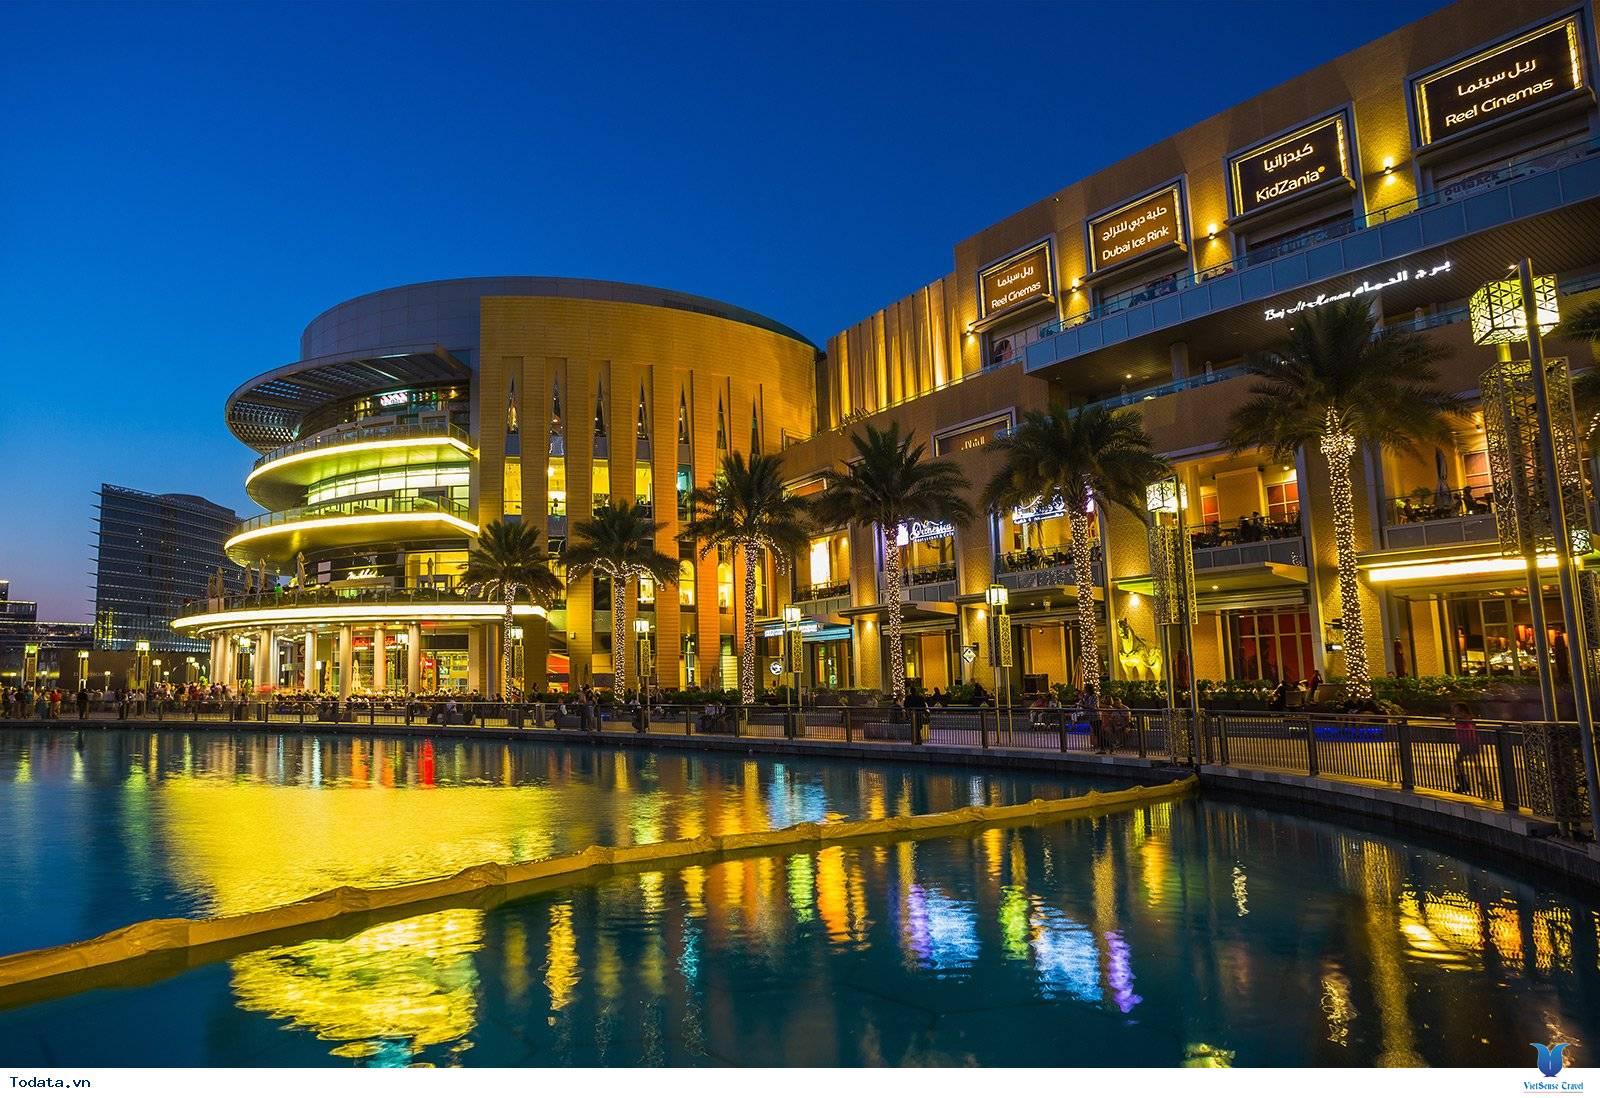 Khám Phá Trung Tâm Mua Sắm Lớn Nhất Thế Giới Dubai Mall - Ảnh 1